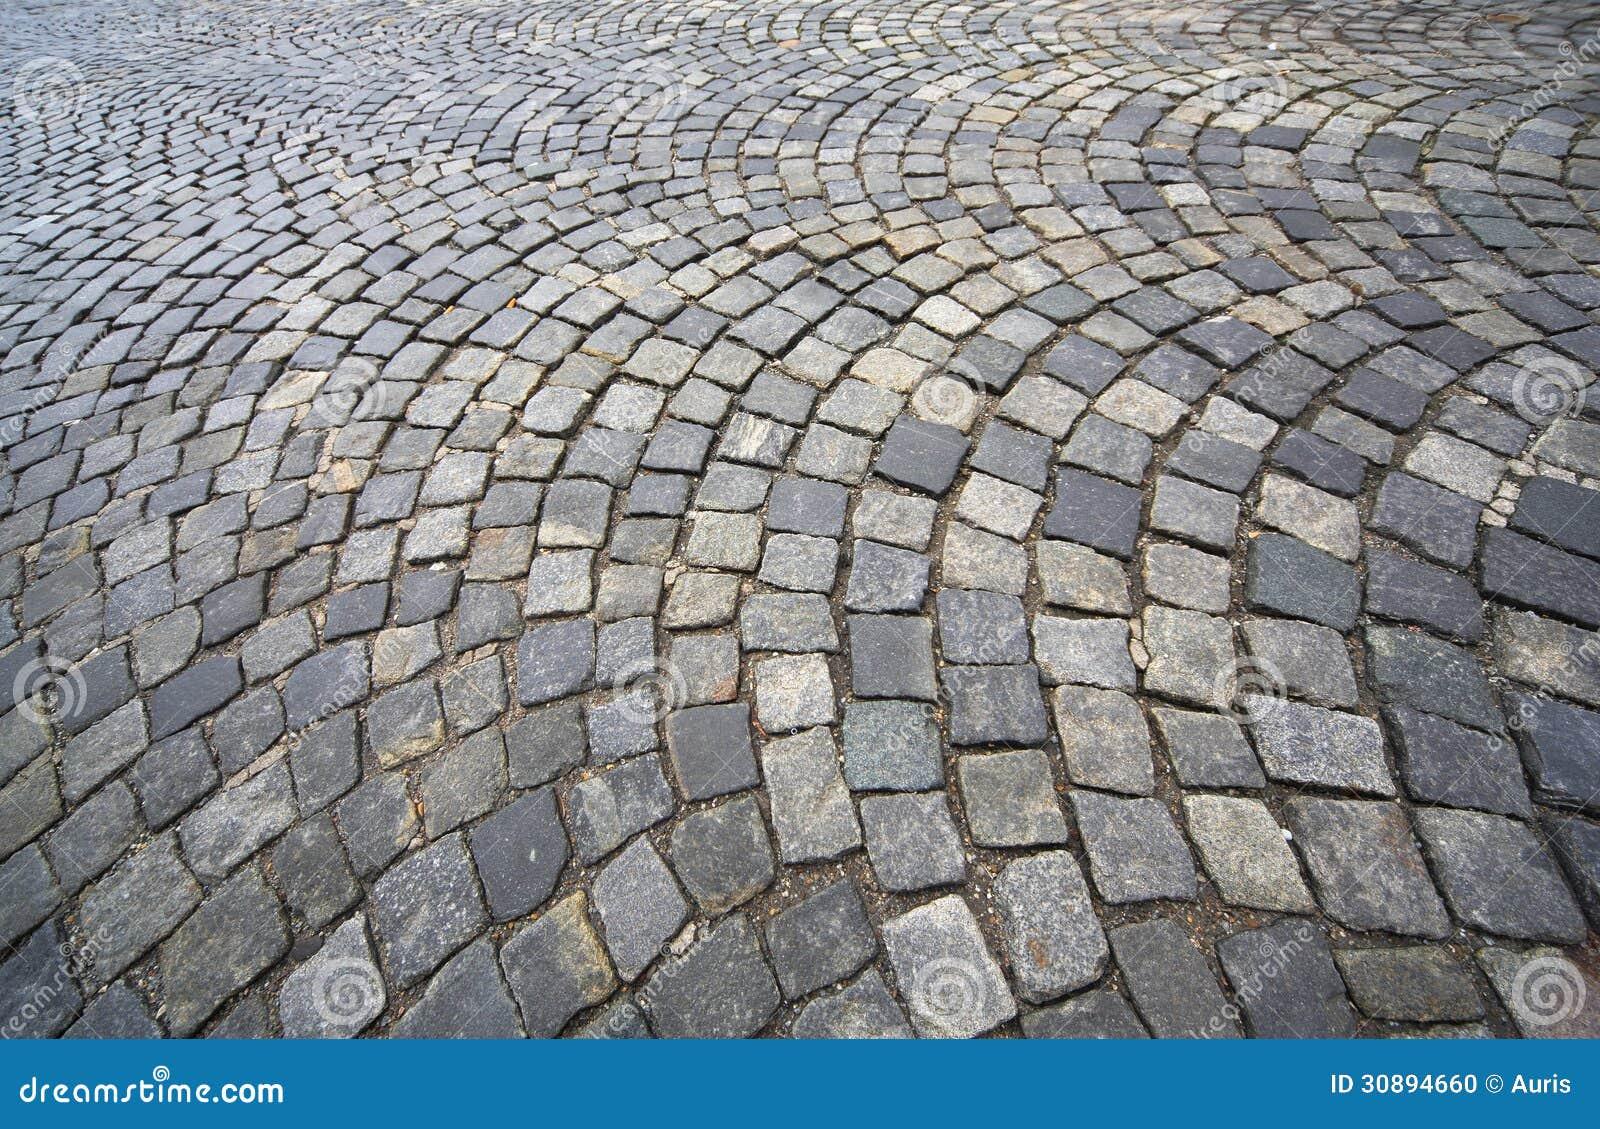 Granitpflasterung stockfoto. Bild von footpath, hintergrund - 30894660